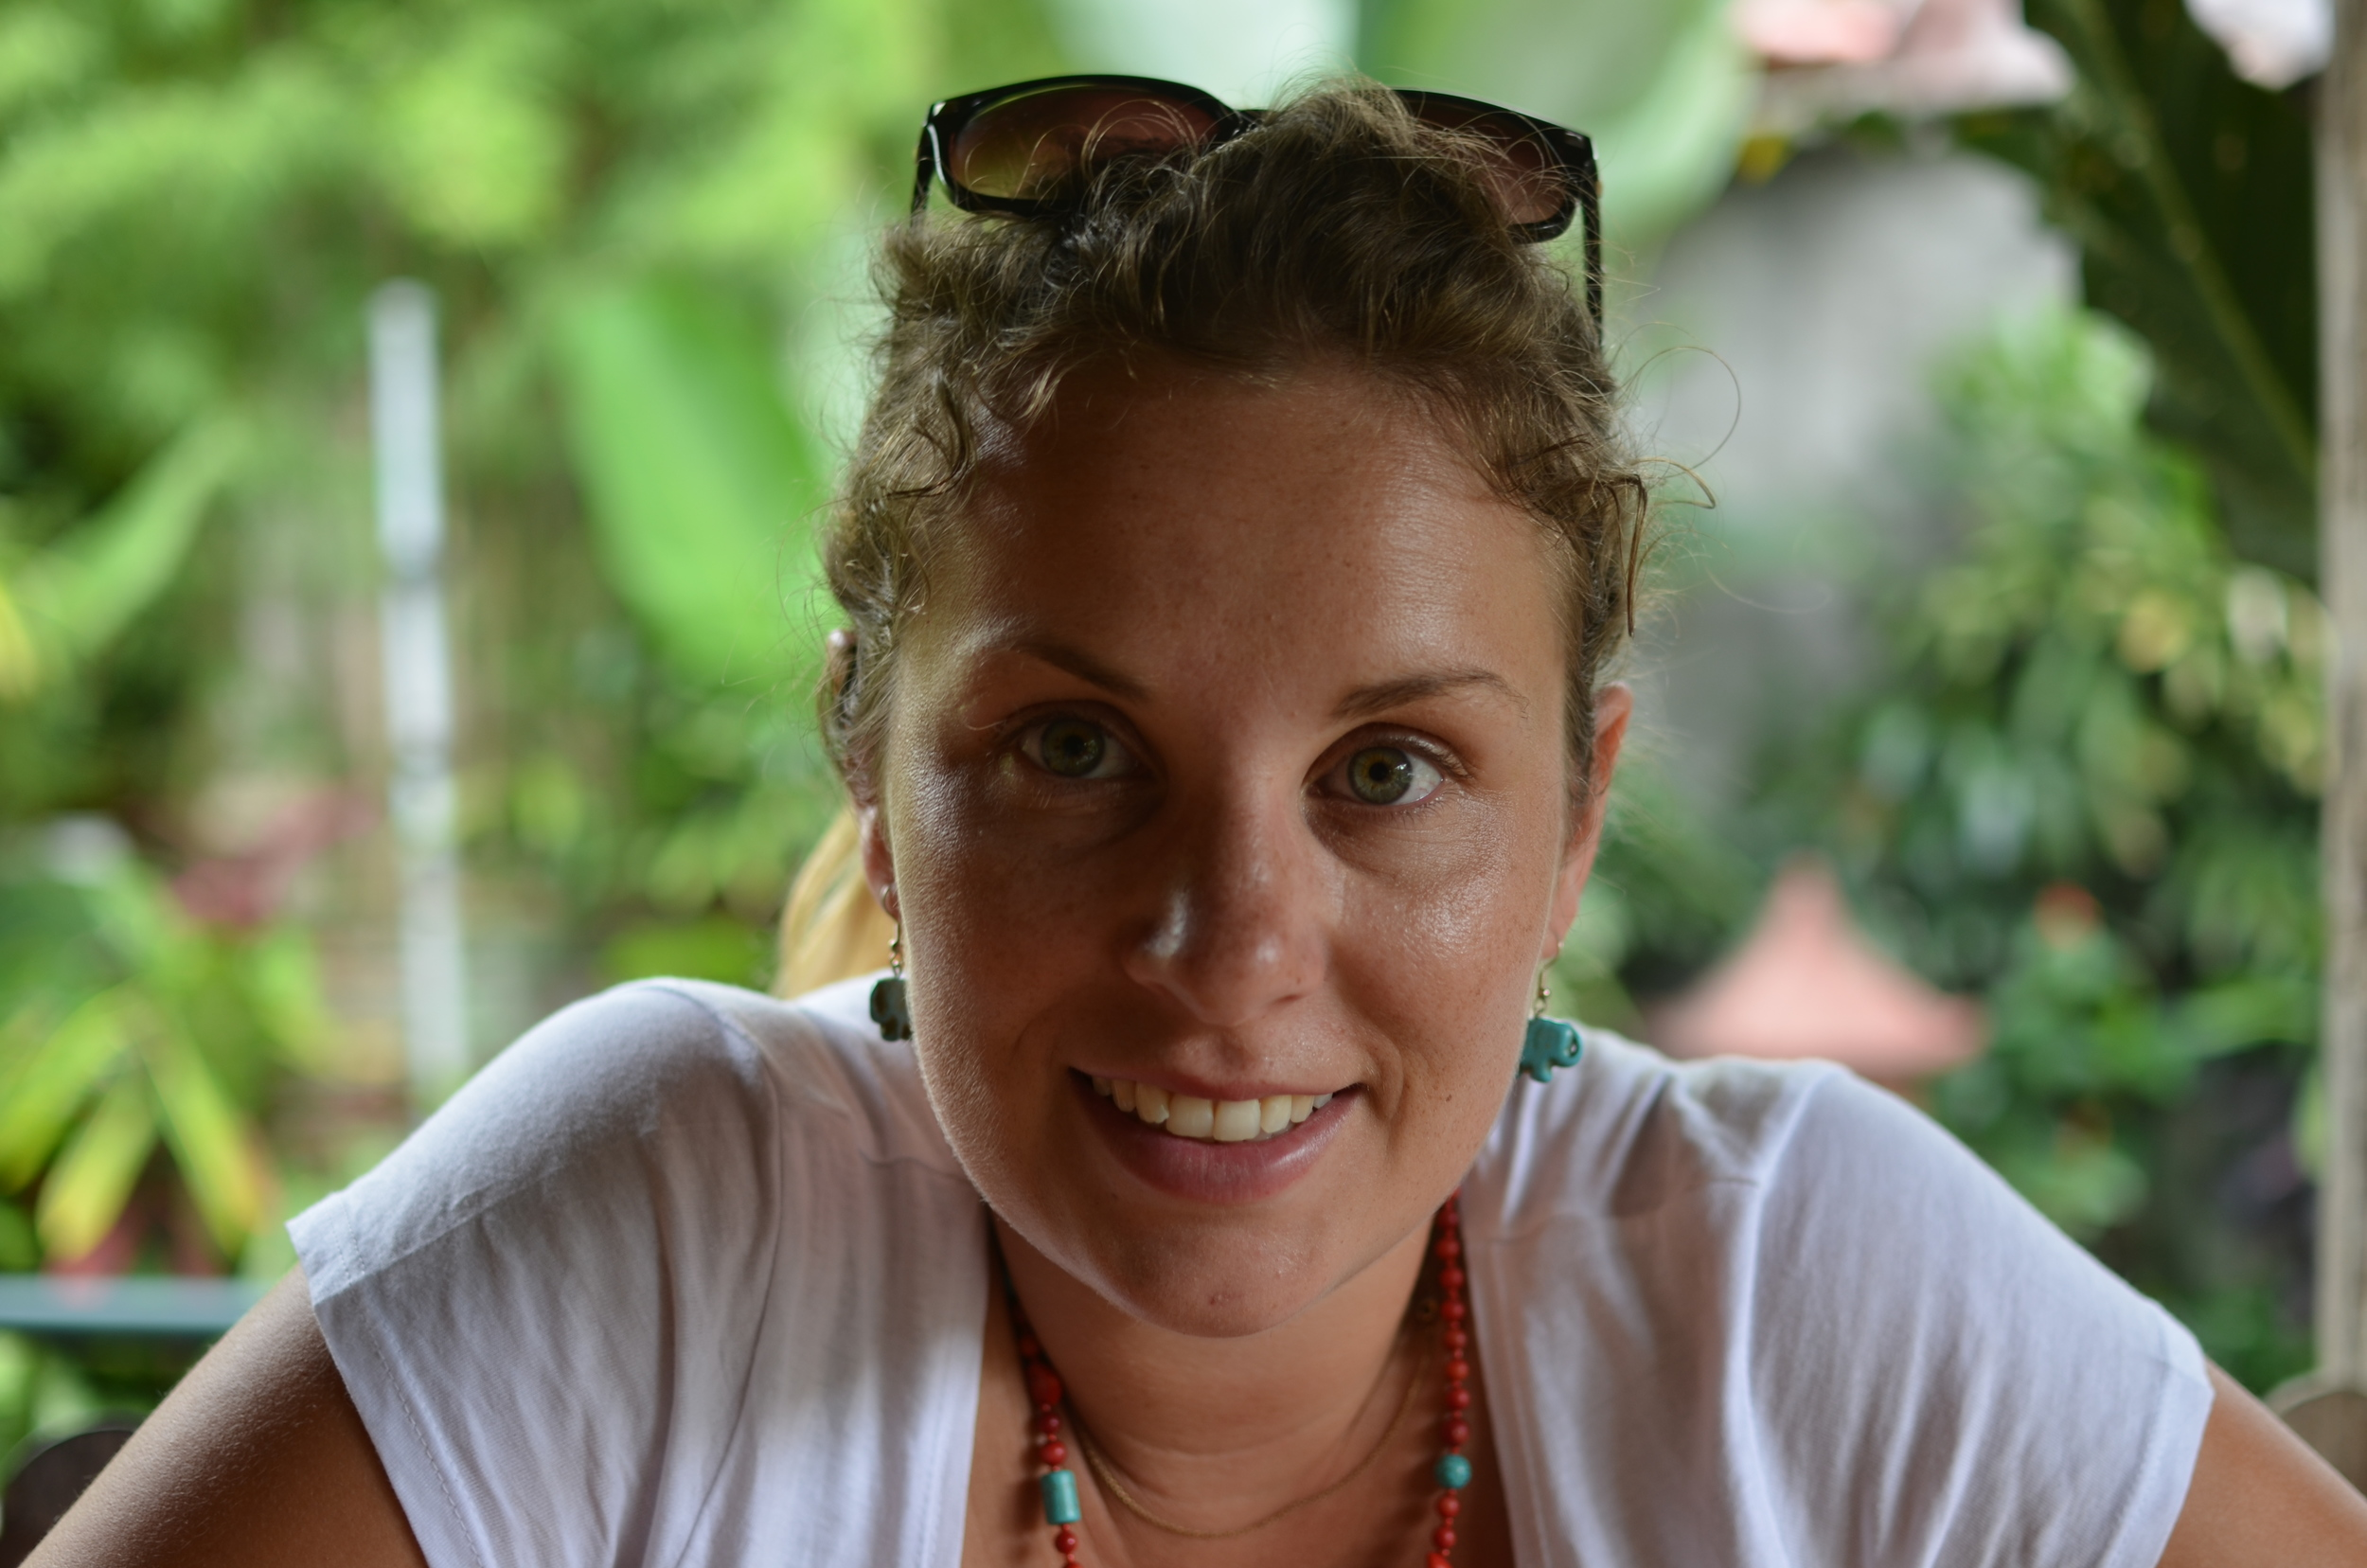 Jessica Schmit